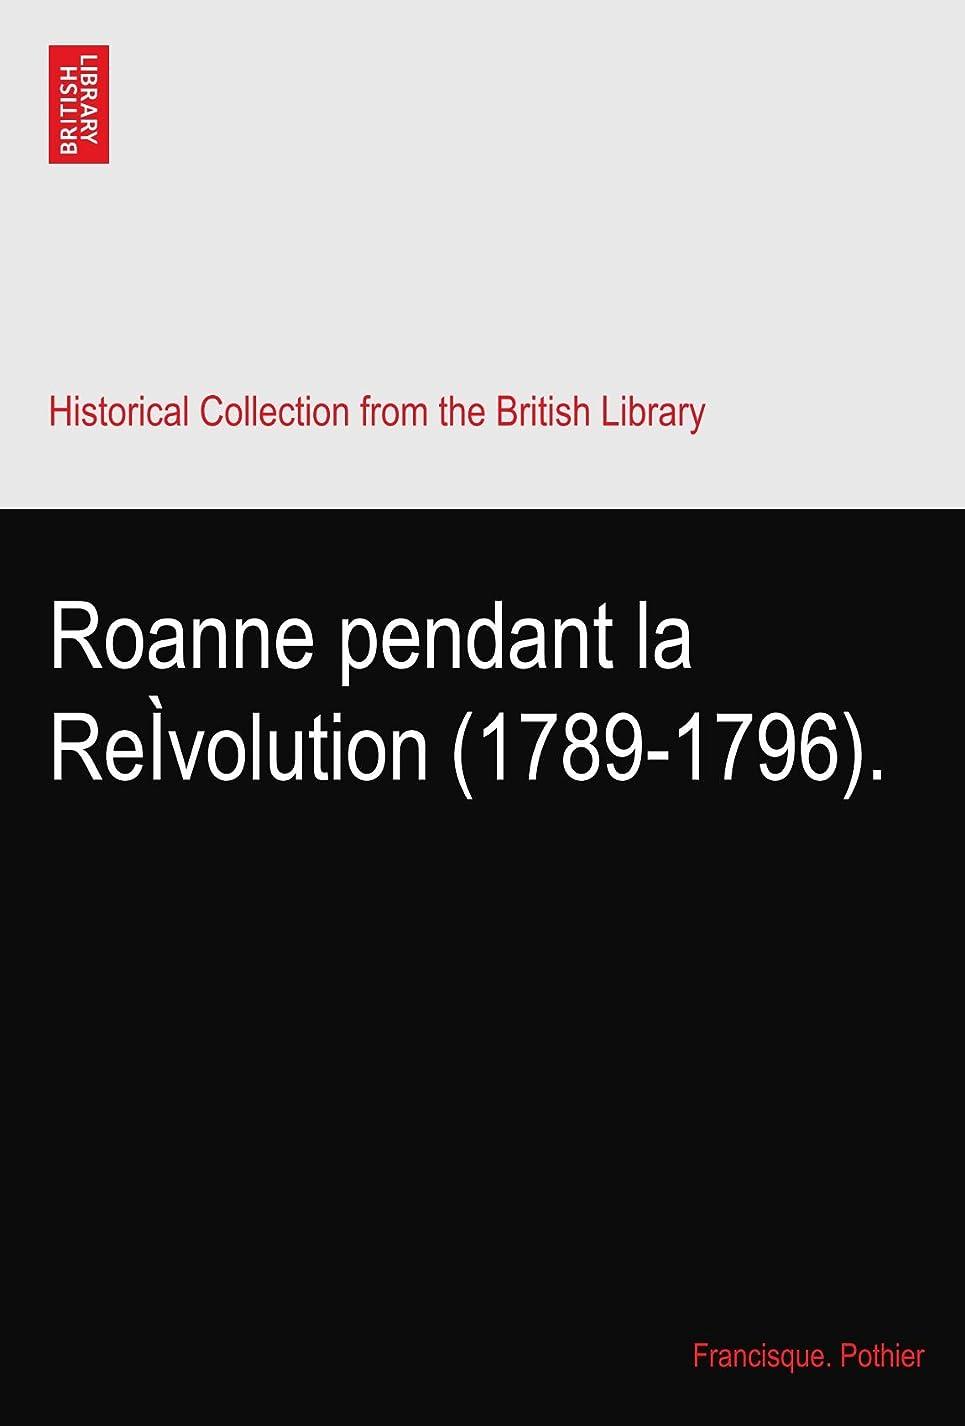 不合格弾丸ストライクRoanne pendant la Reìvolution (1789-1796).